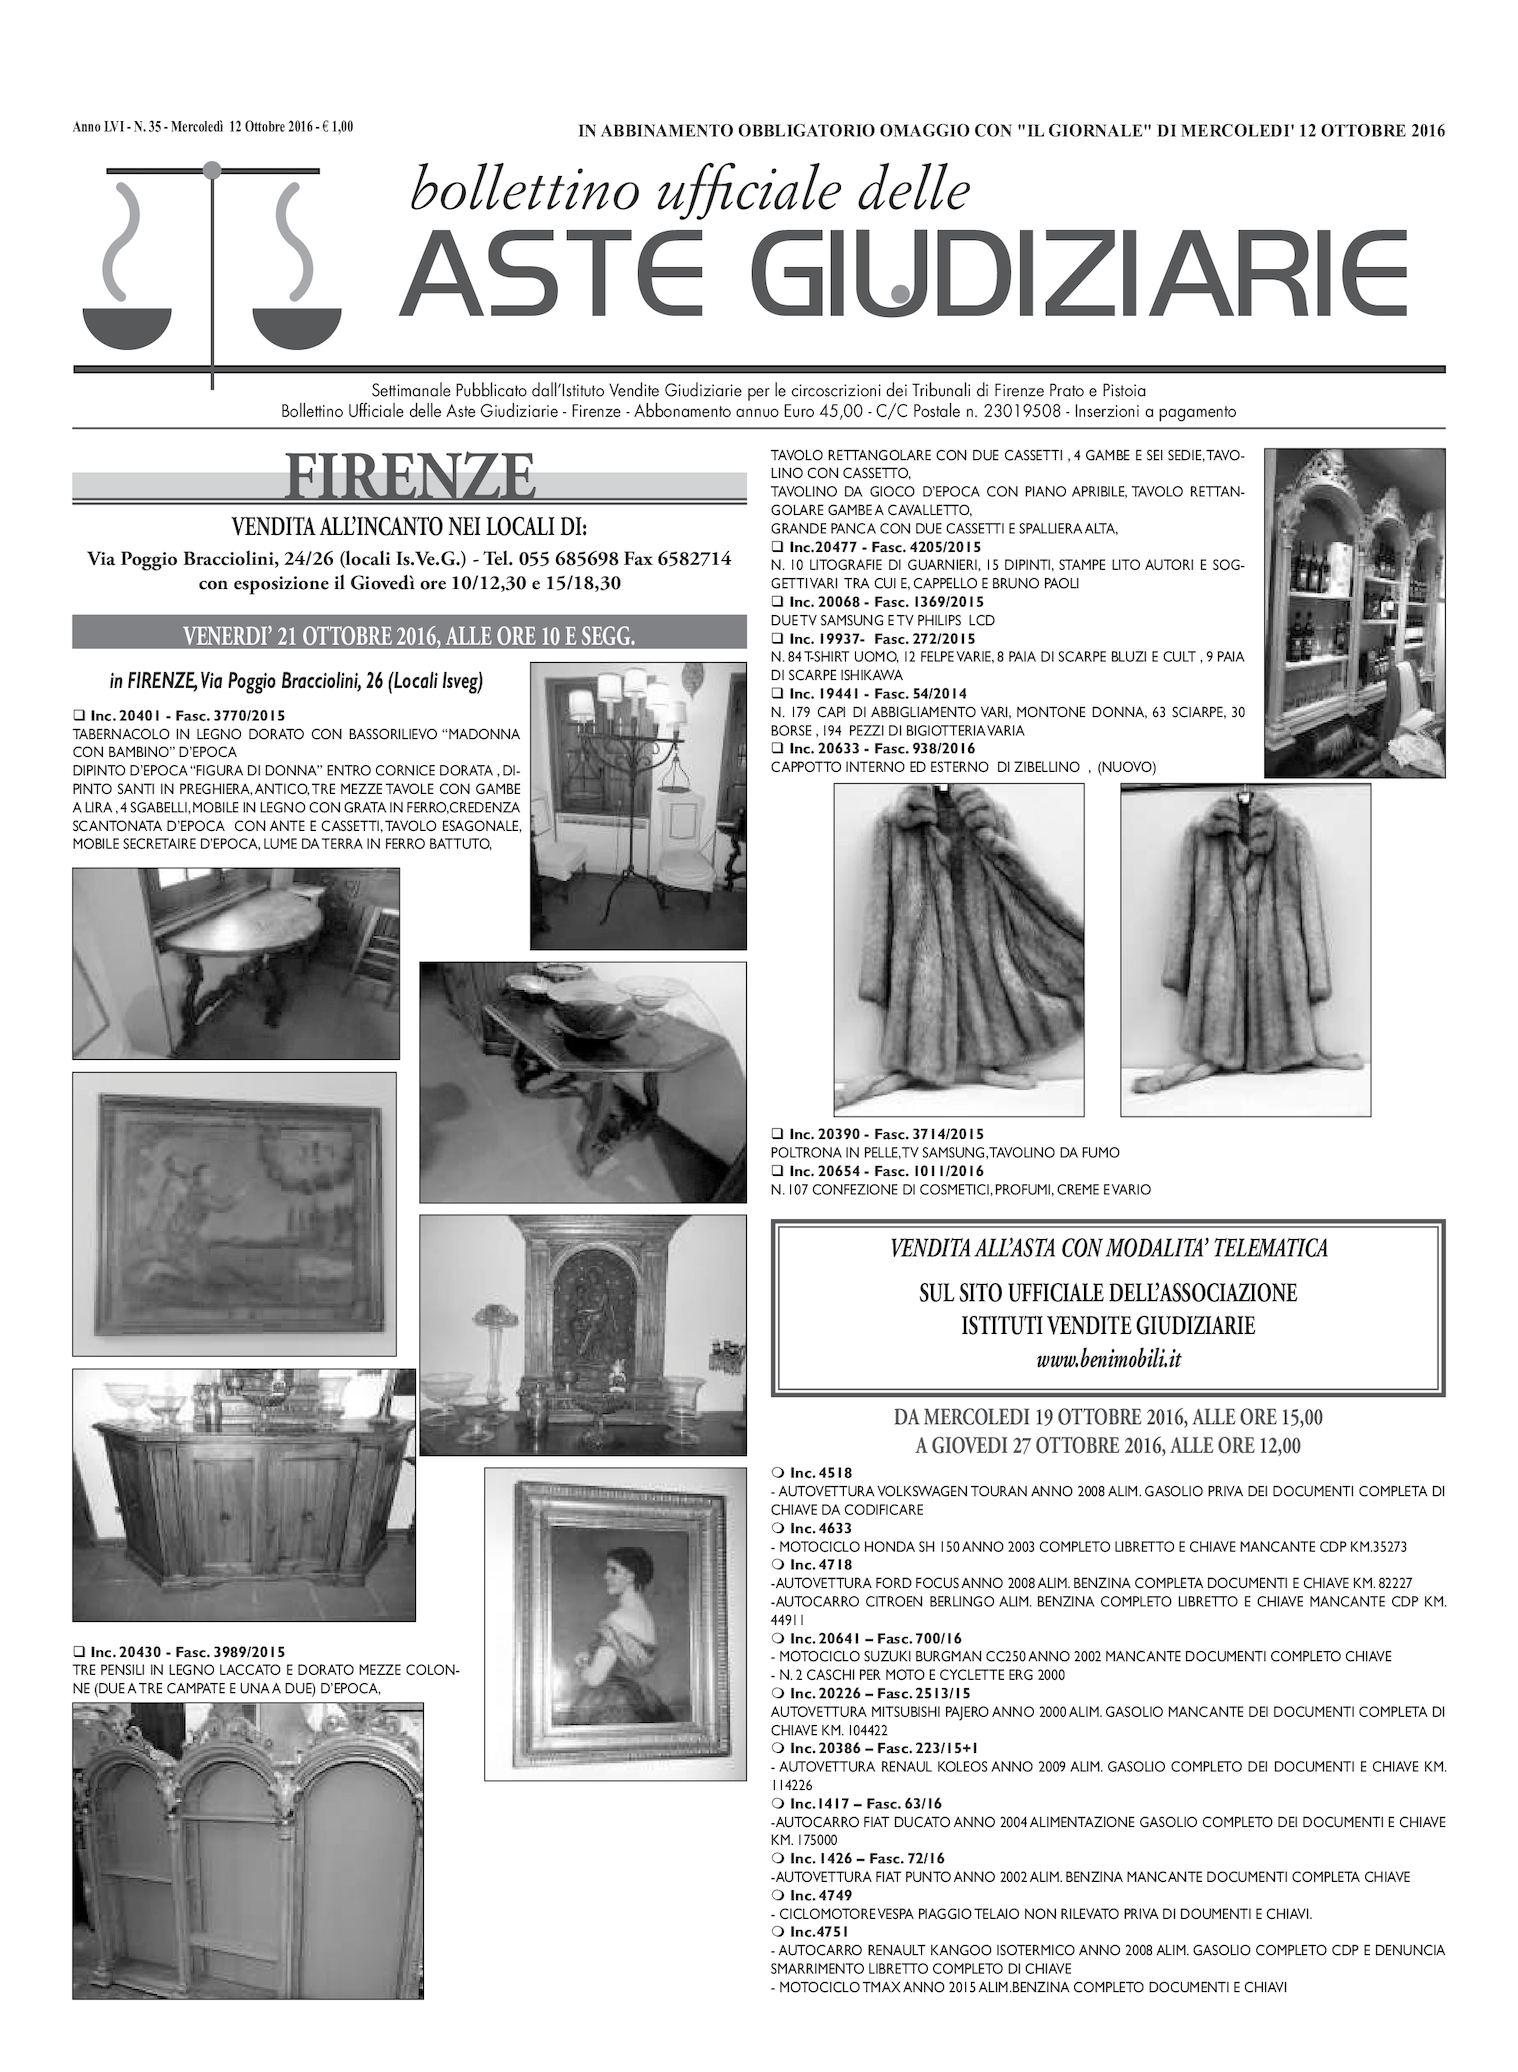 Antico Porta Pianta In Legno Arredamento D'antiquariato Complementi D'arredo Alzata Portavaso Completo Di Cassettino